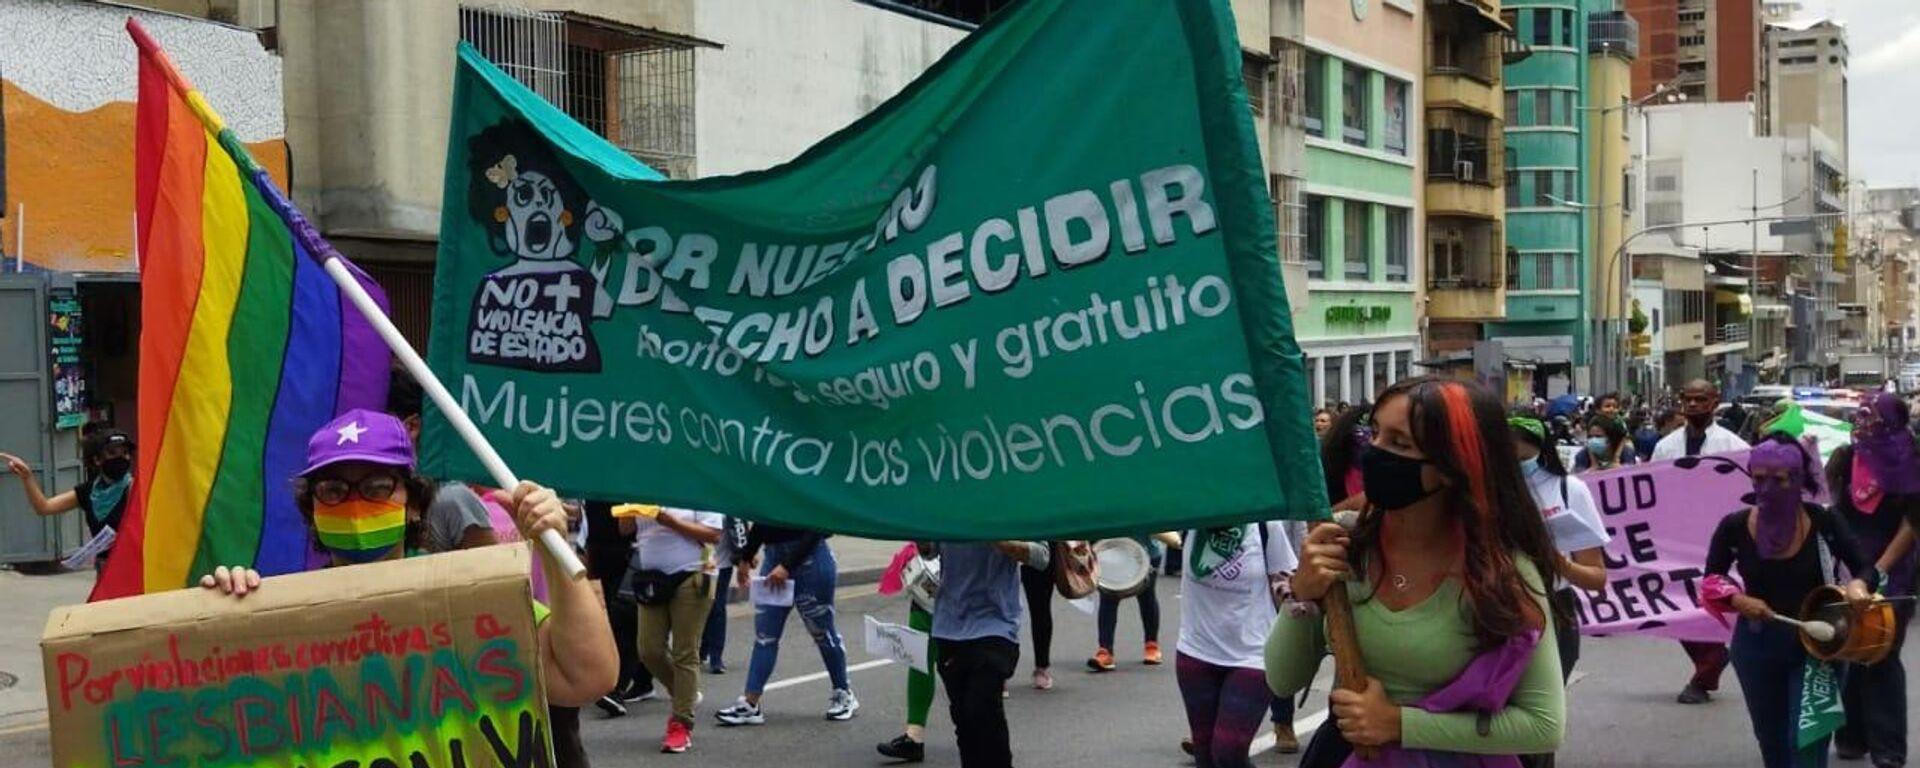 Organizaciones feministas marcharon por el centro de la capital venezolana por un aborto legal y seguro - Sputnik Mundo, 1920, 28.09.2021